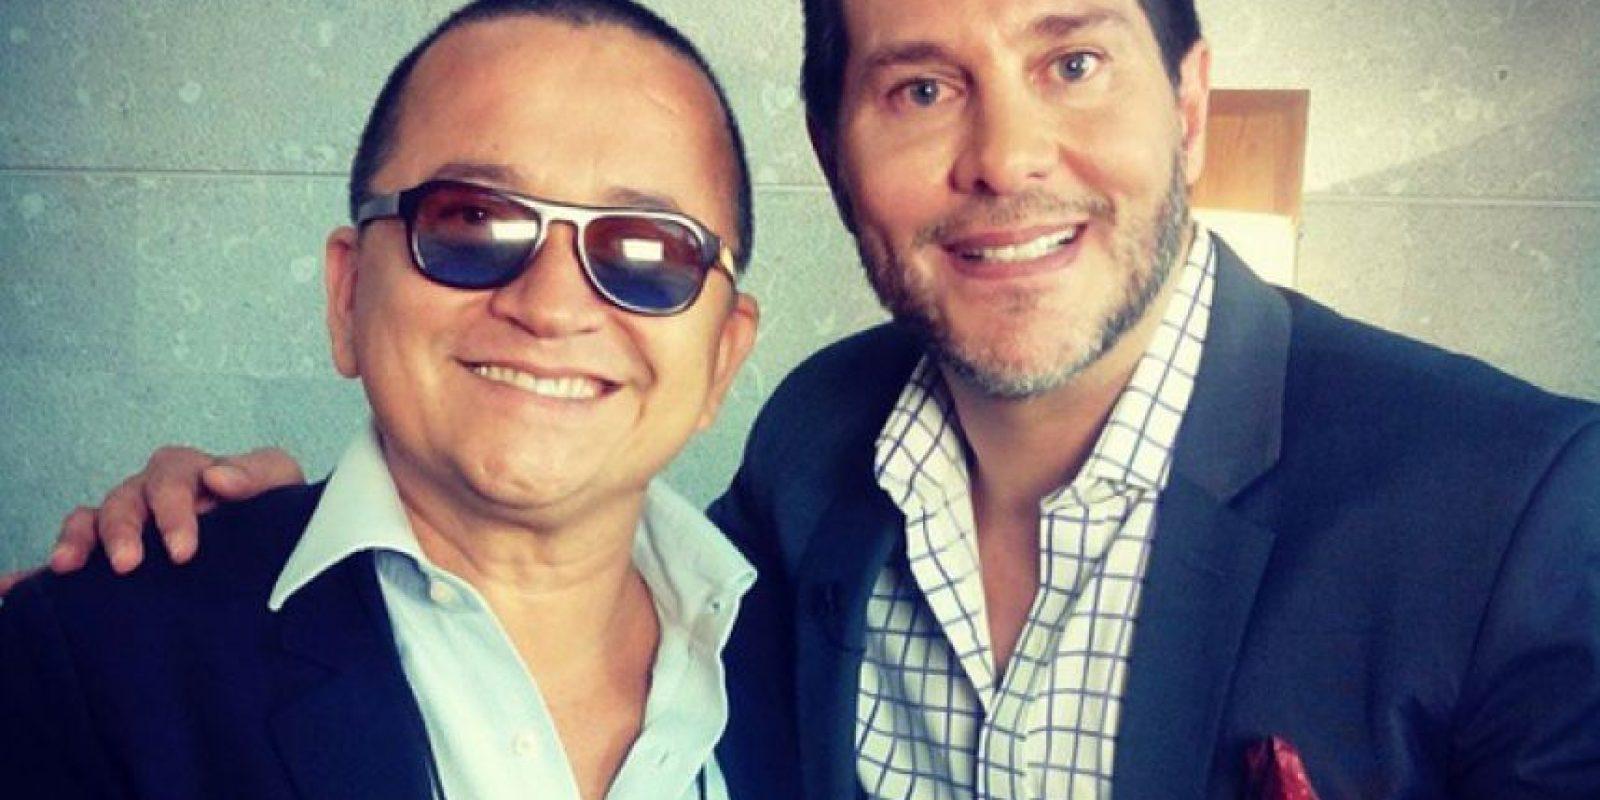 Marcelo Cezán tiene su fanaticada, pero no alcanzó el éxito. Foto:Foto tomada del instagram de Marcelo Cezán @marcelocezan